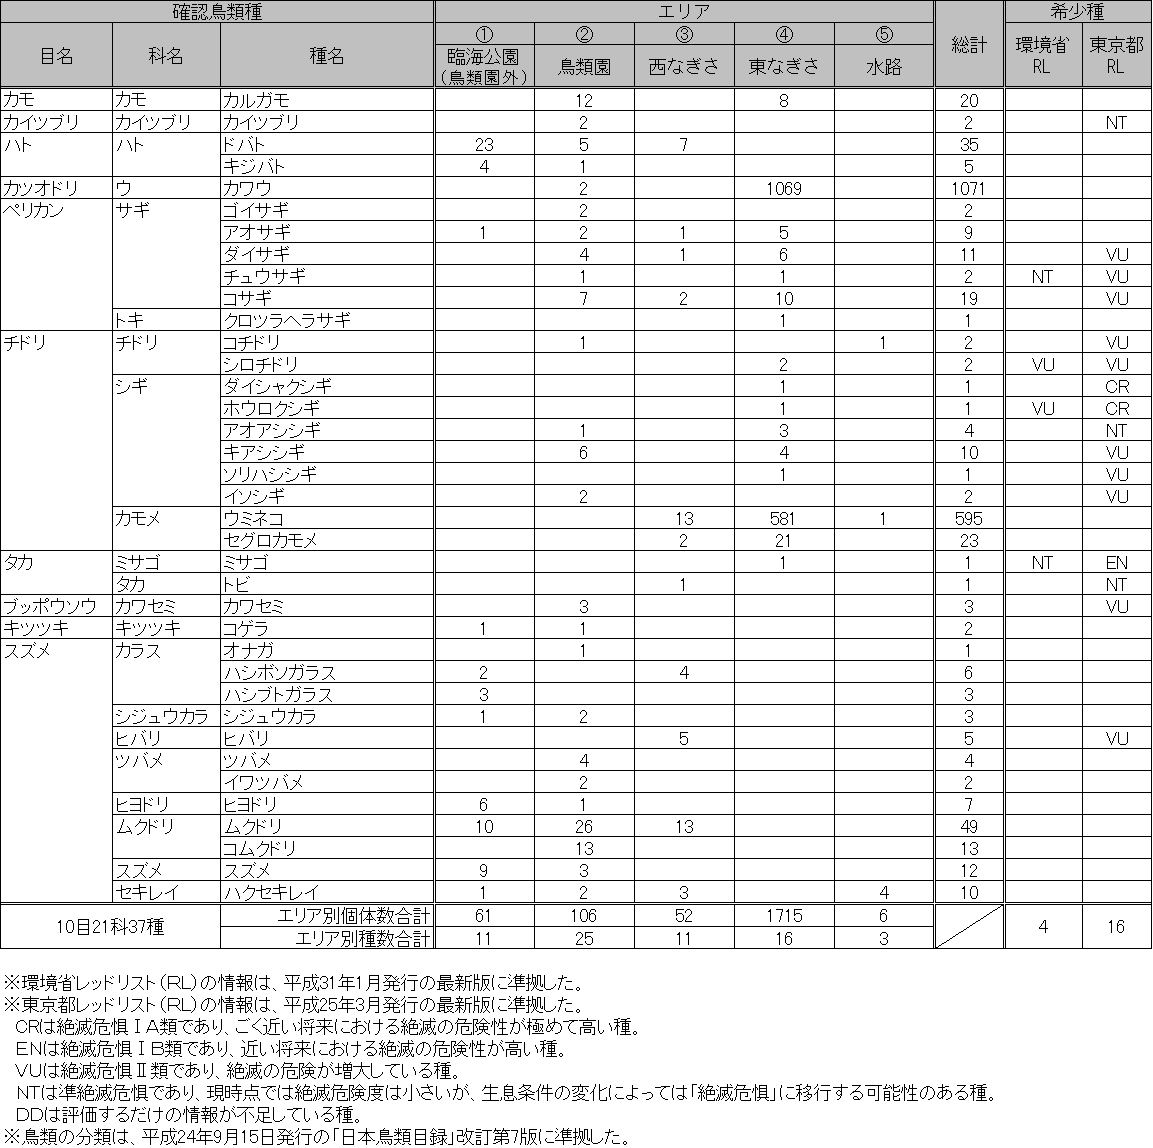 ★シギ類が増えてきました 葛西臨海・海浜公園全域調査結果_e0046474_12154284.png